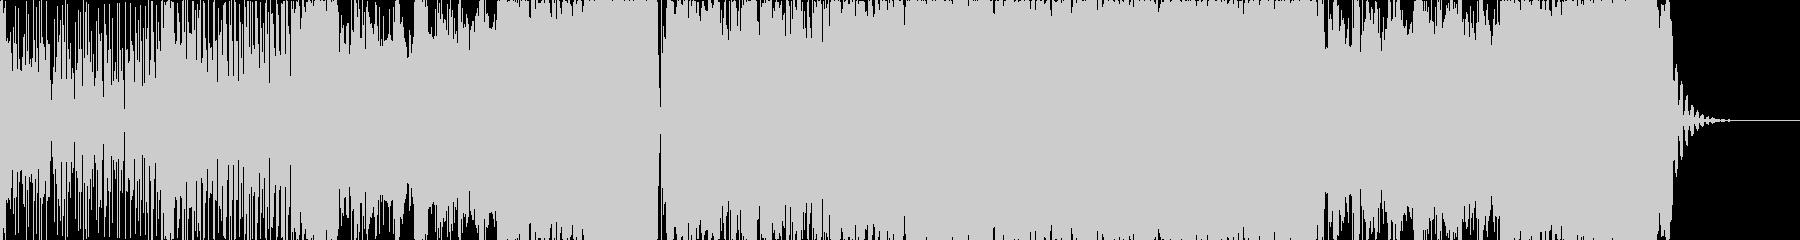 シンプルなコンプレクストロの未再生の波形